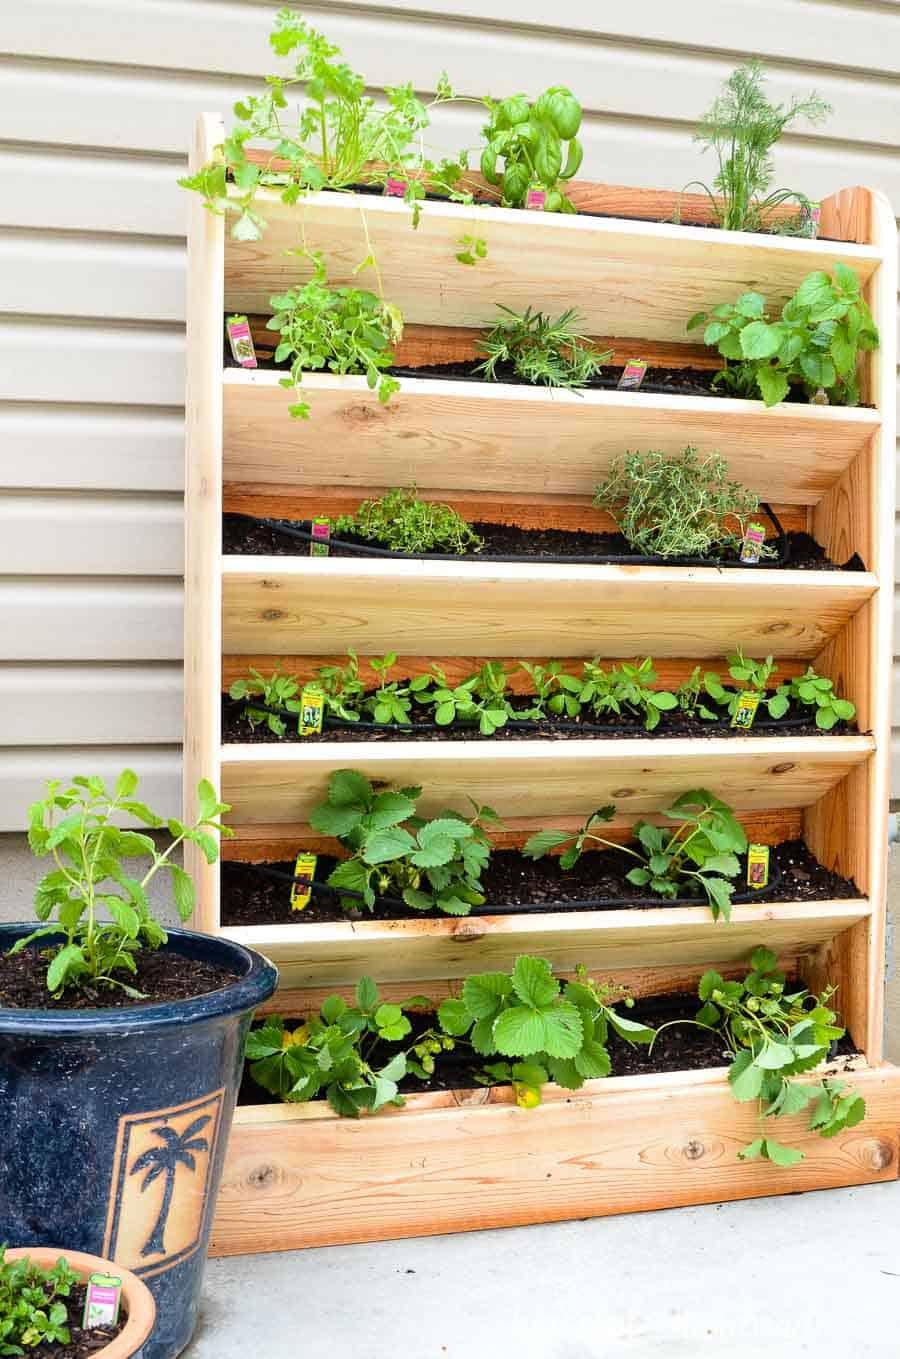 diy potager vertical pour le balcon  - 8 DIY pour décorer le balcon